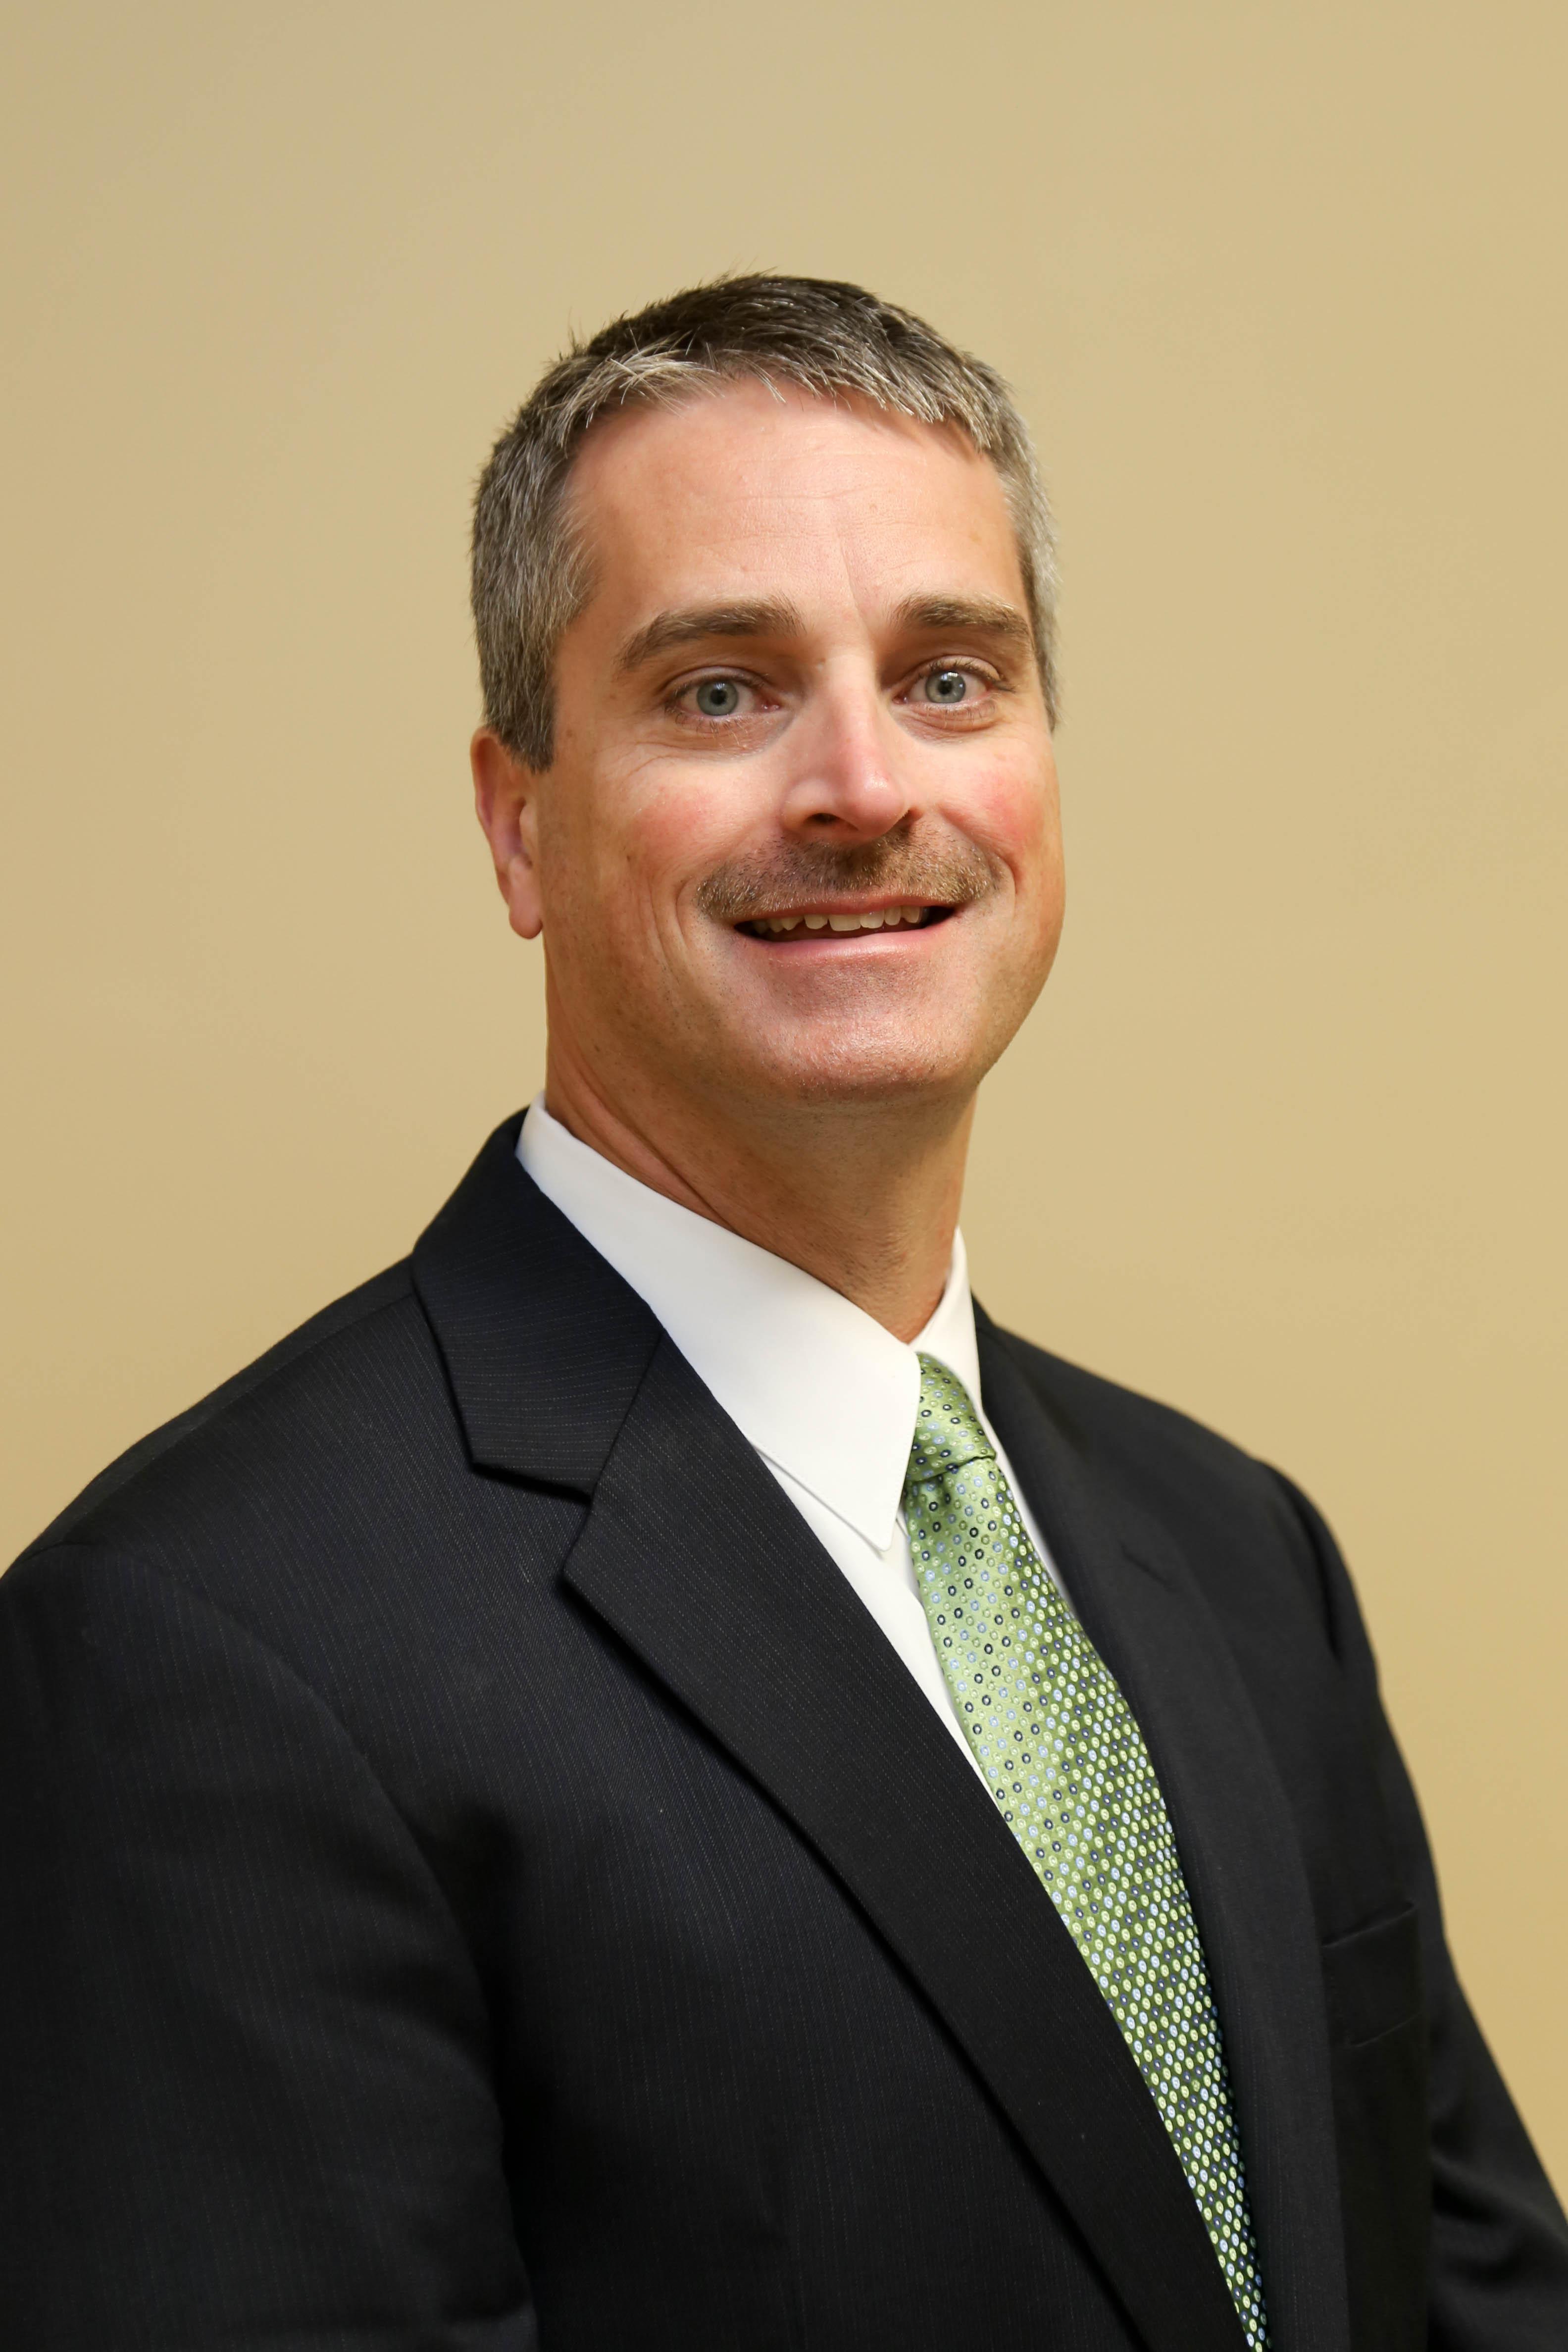 Steve Naylor